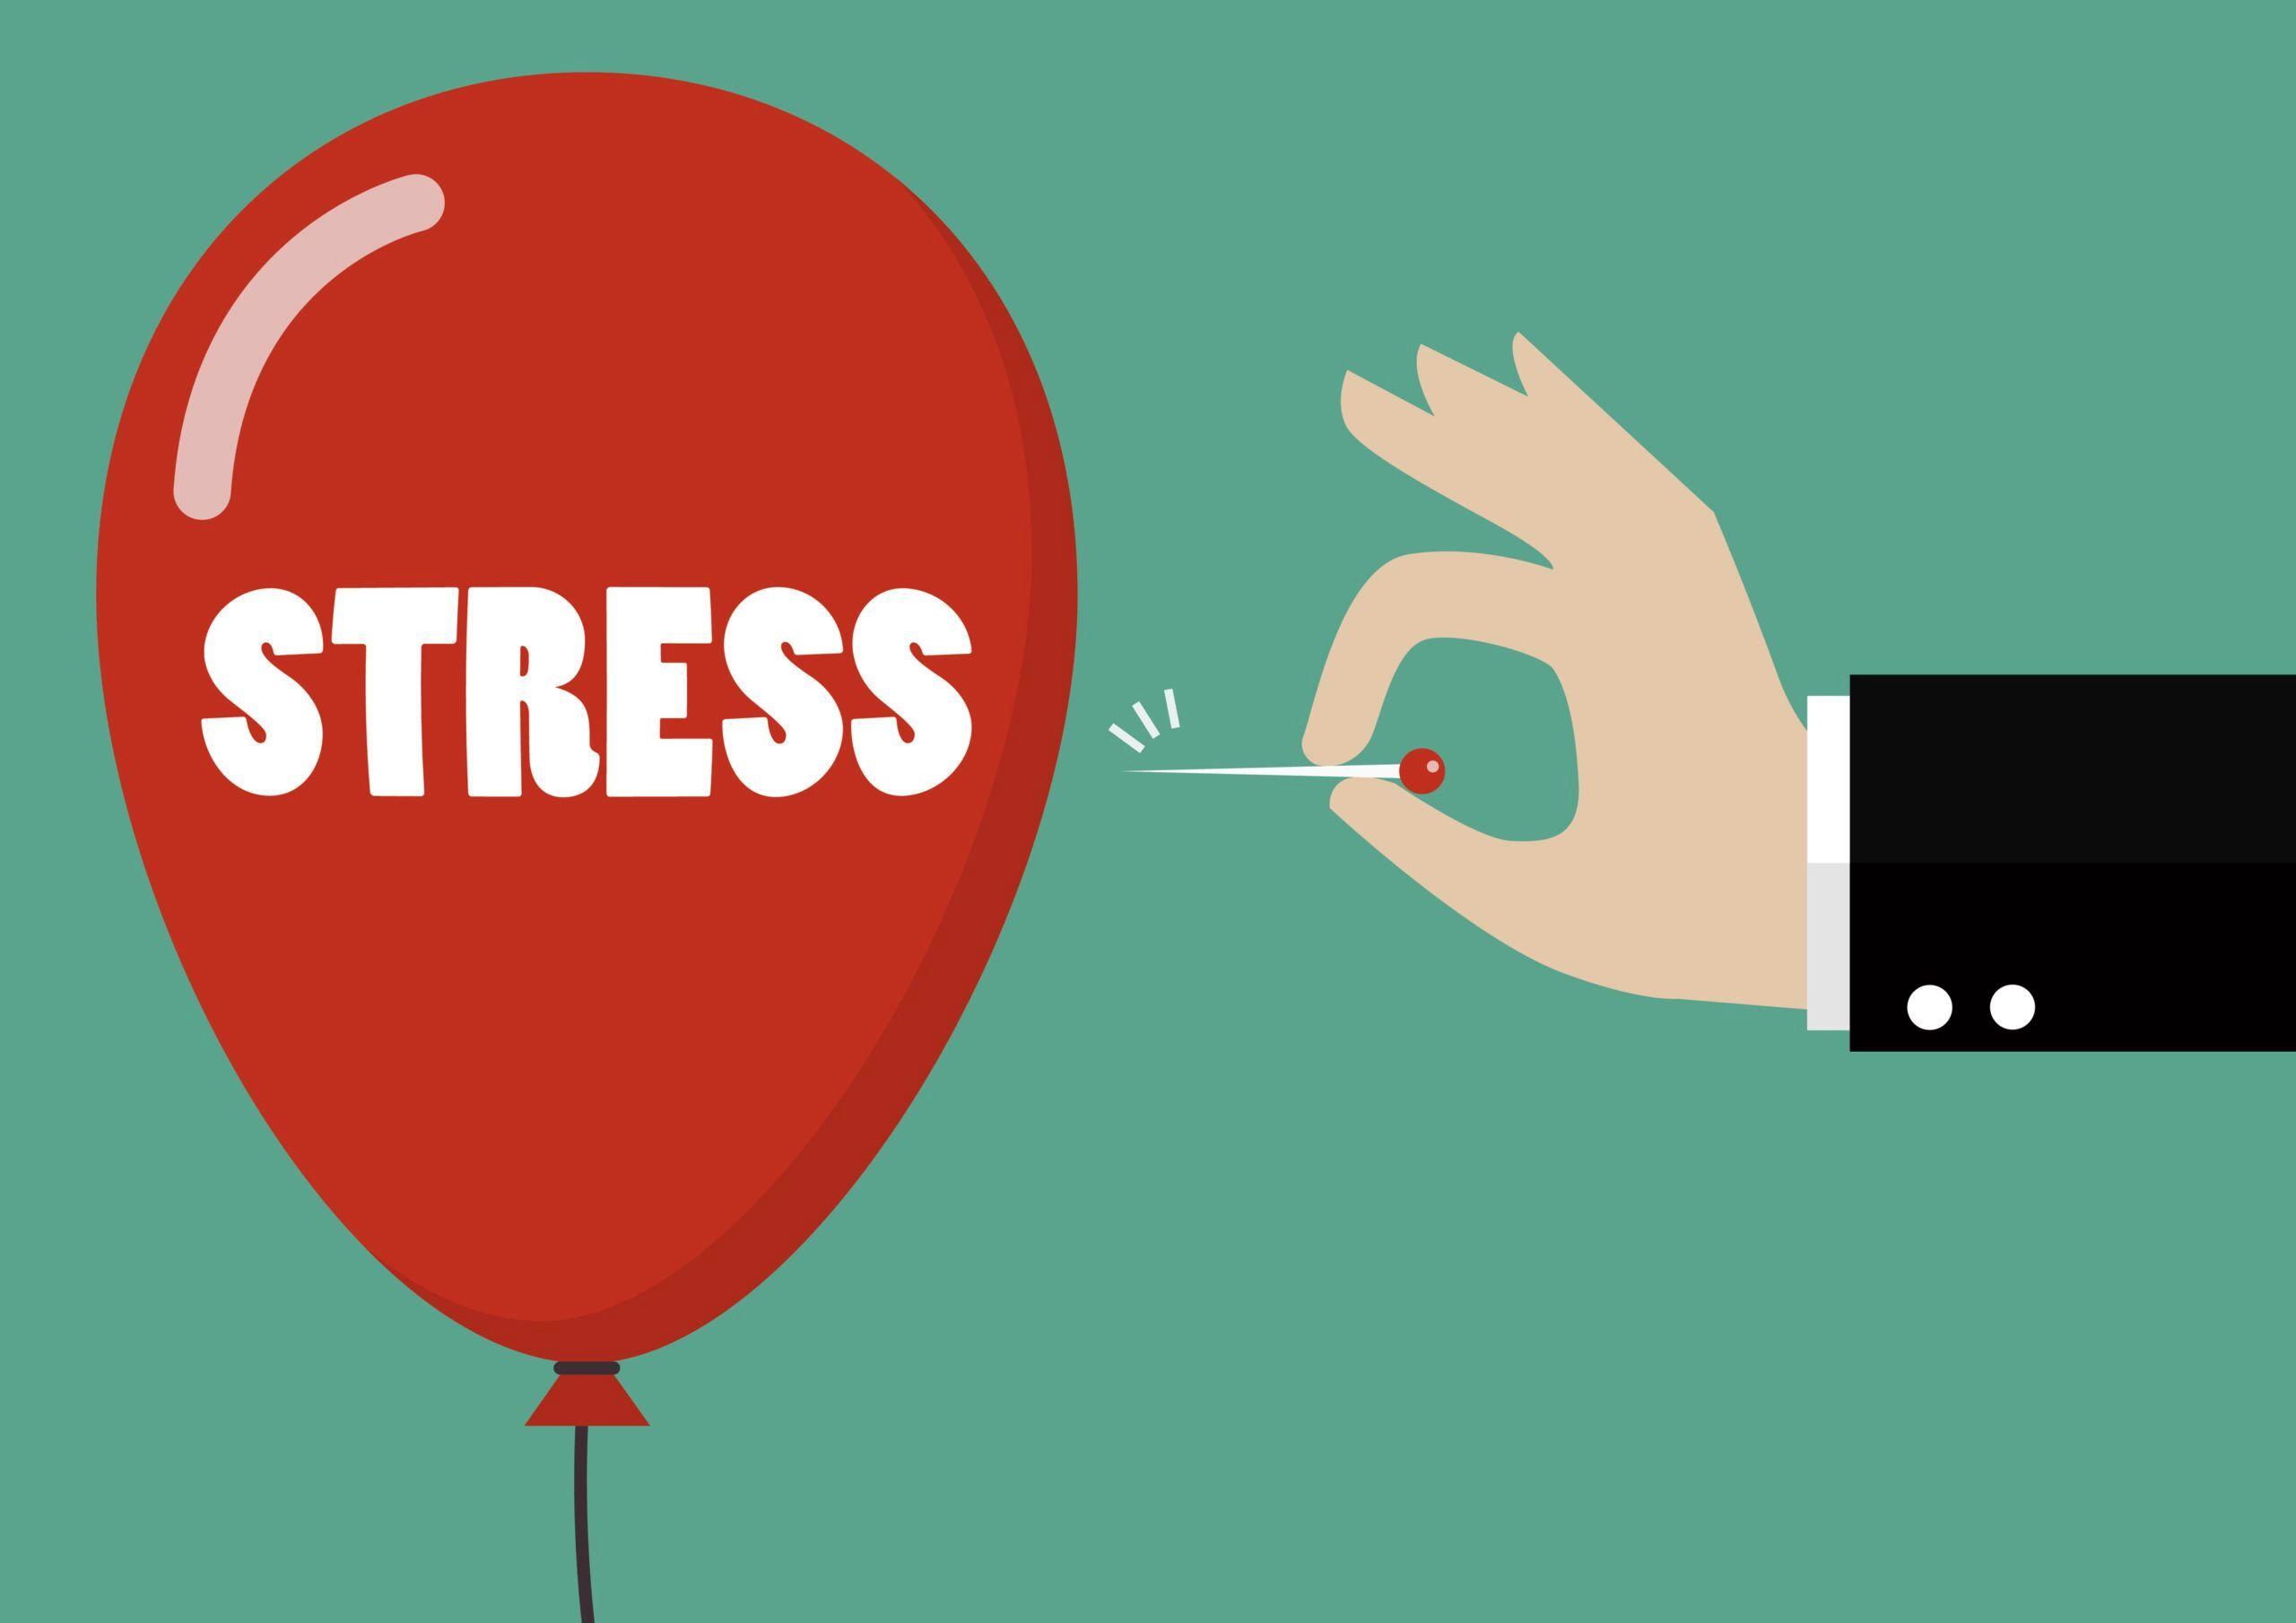 ۵ راه آسان برای کنار آمدن با استرس